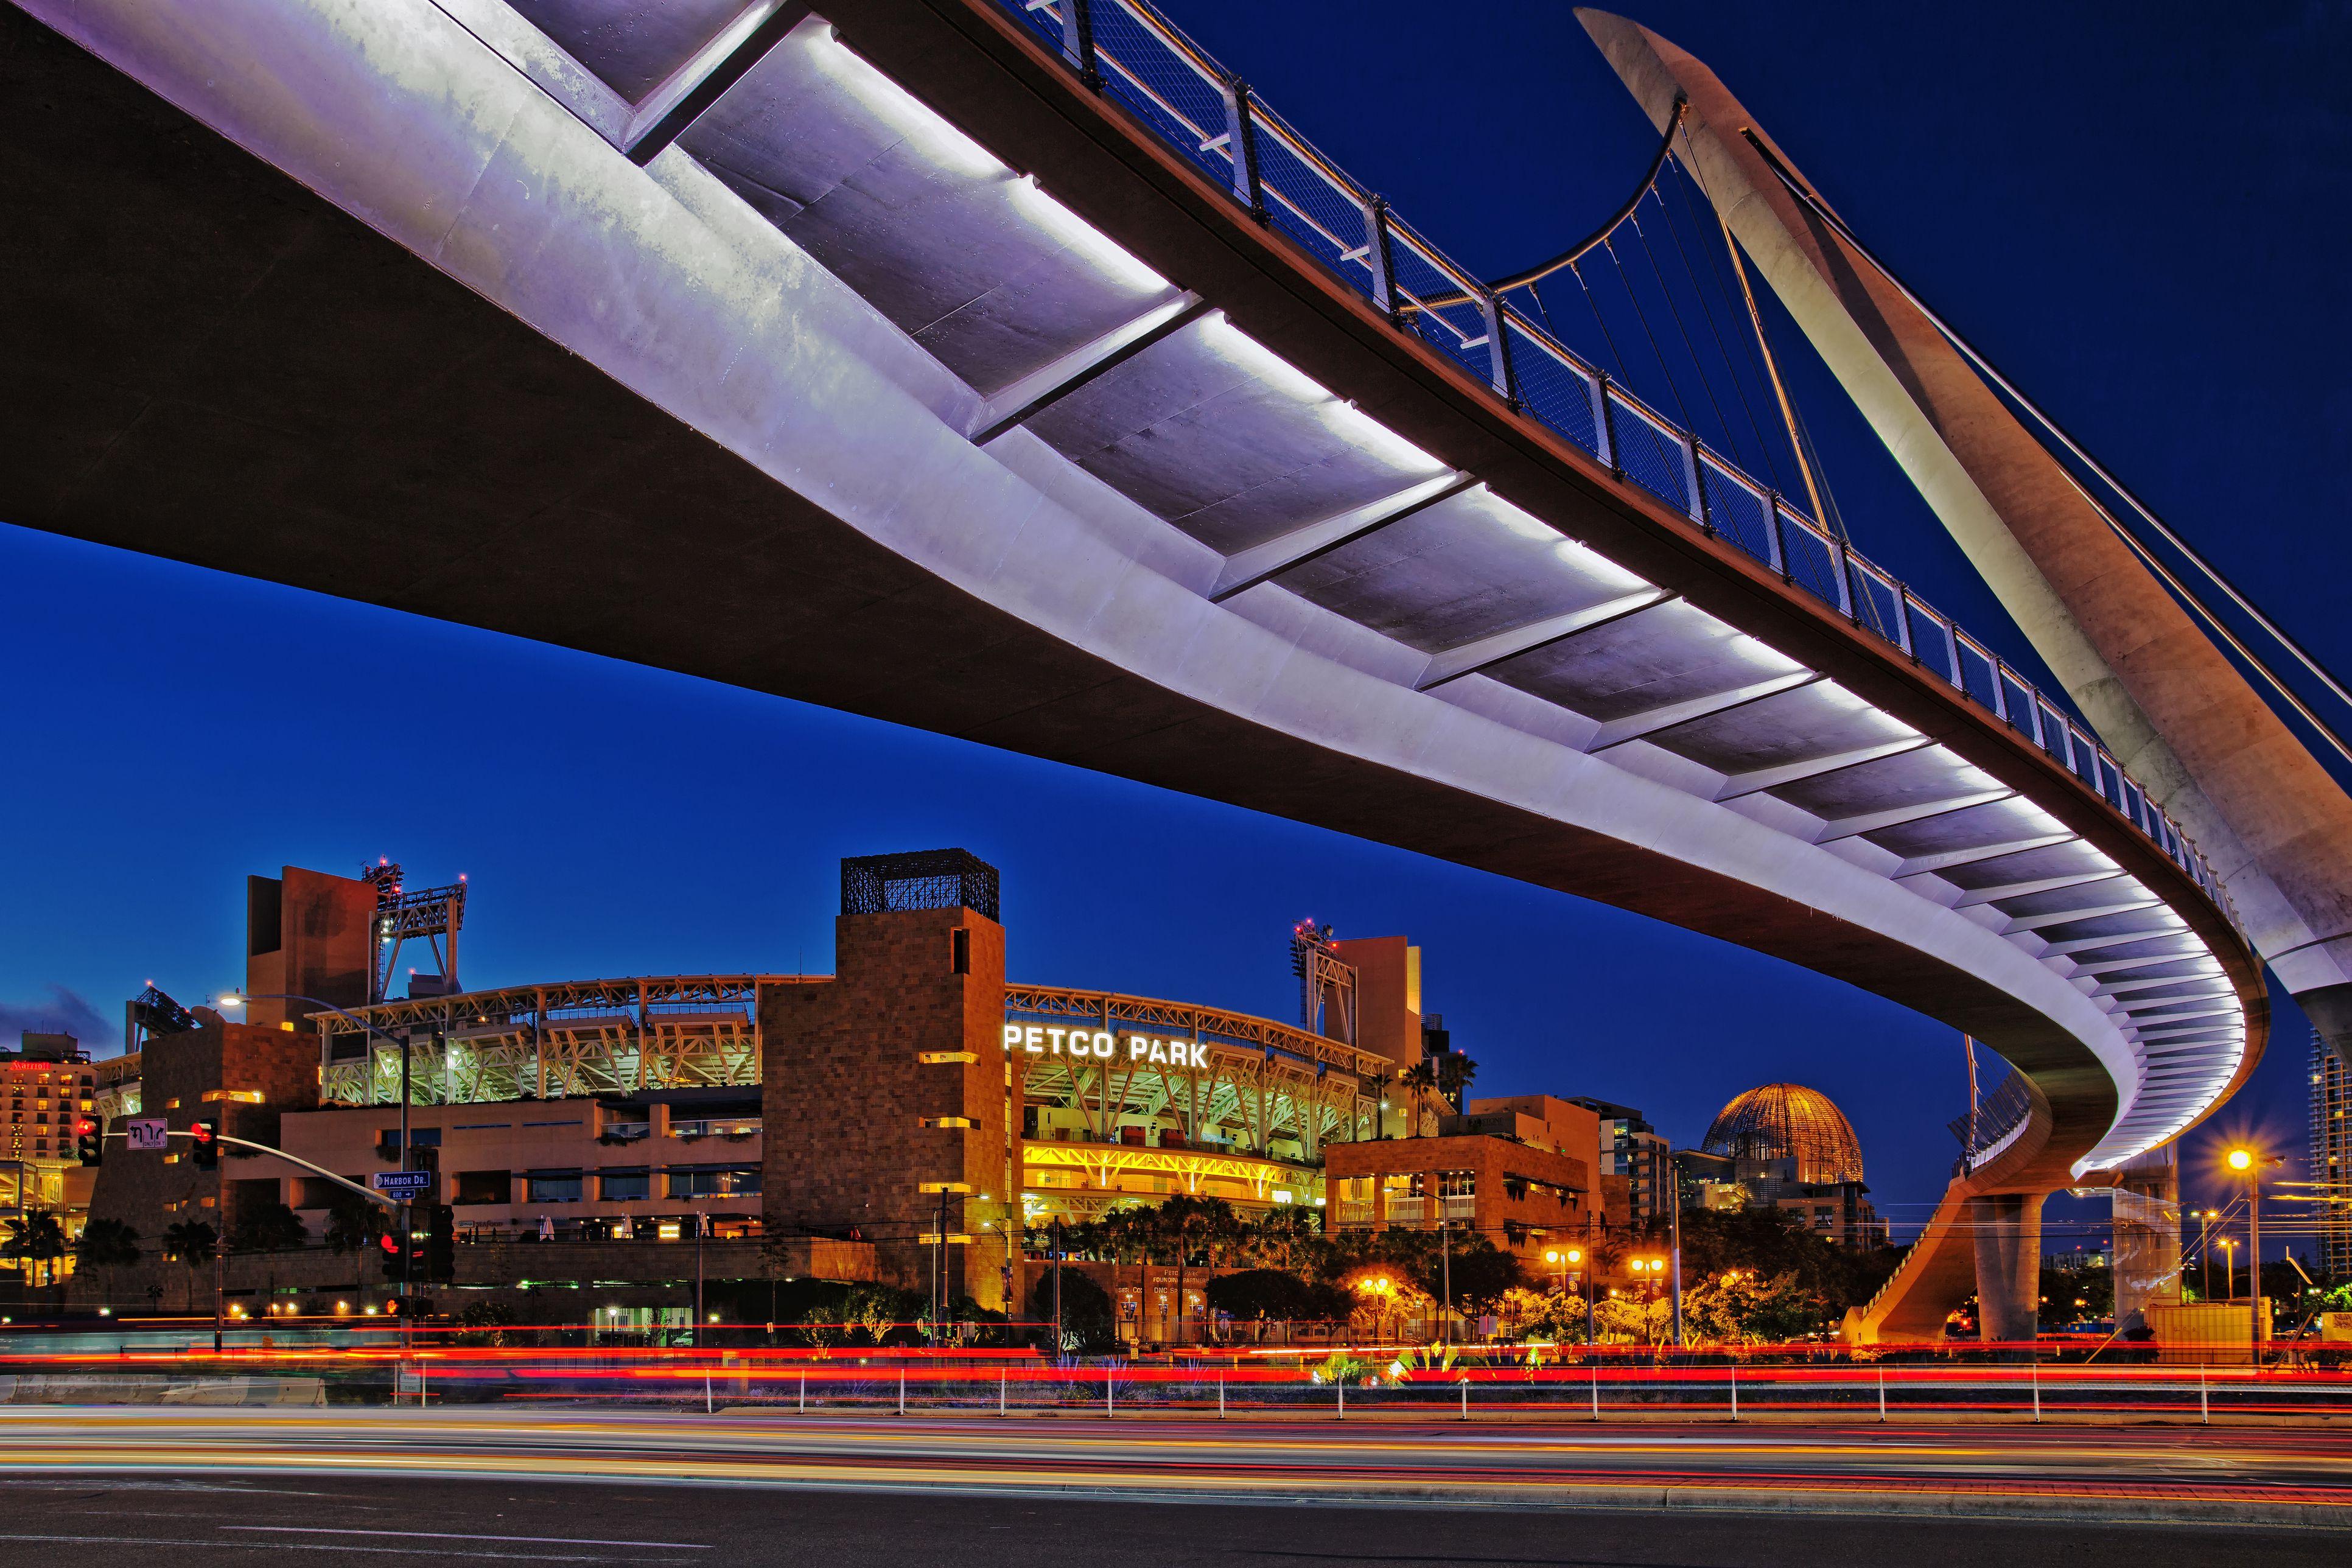 Petco Park & Pedestrian Bridge